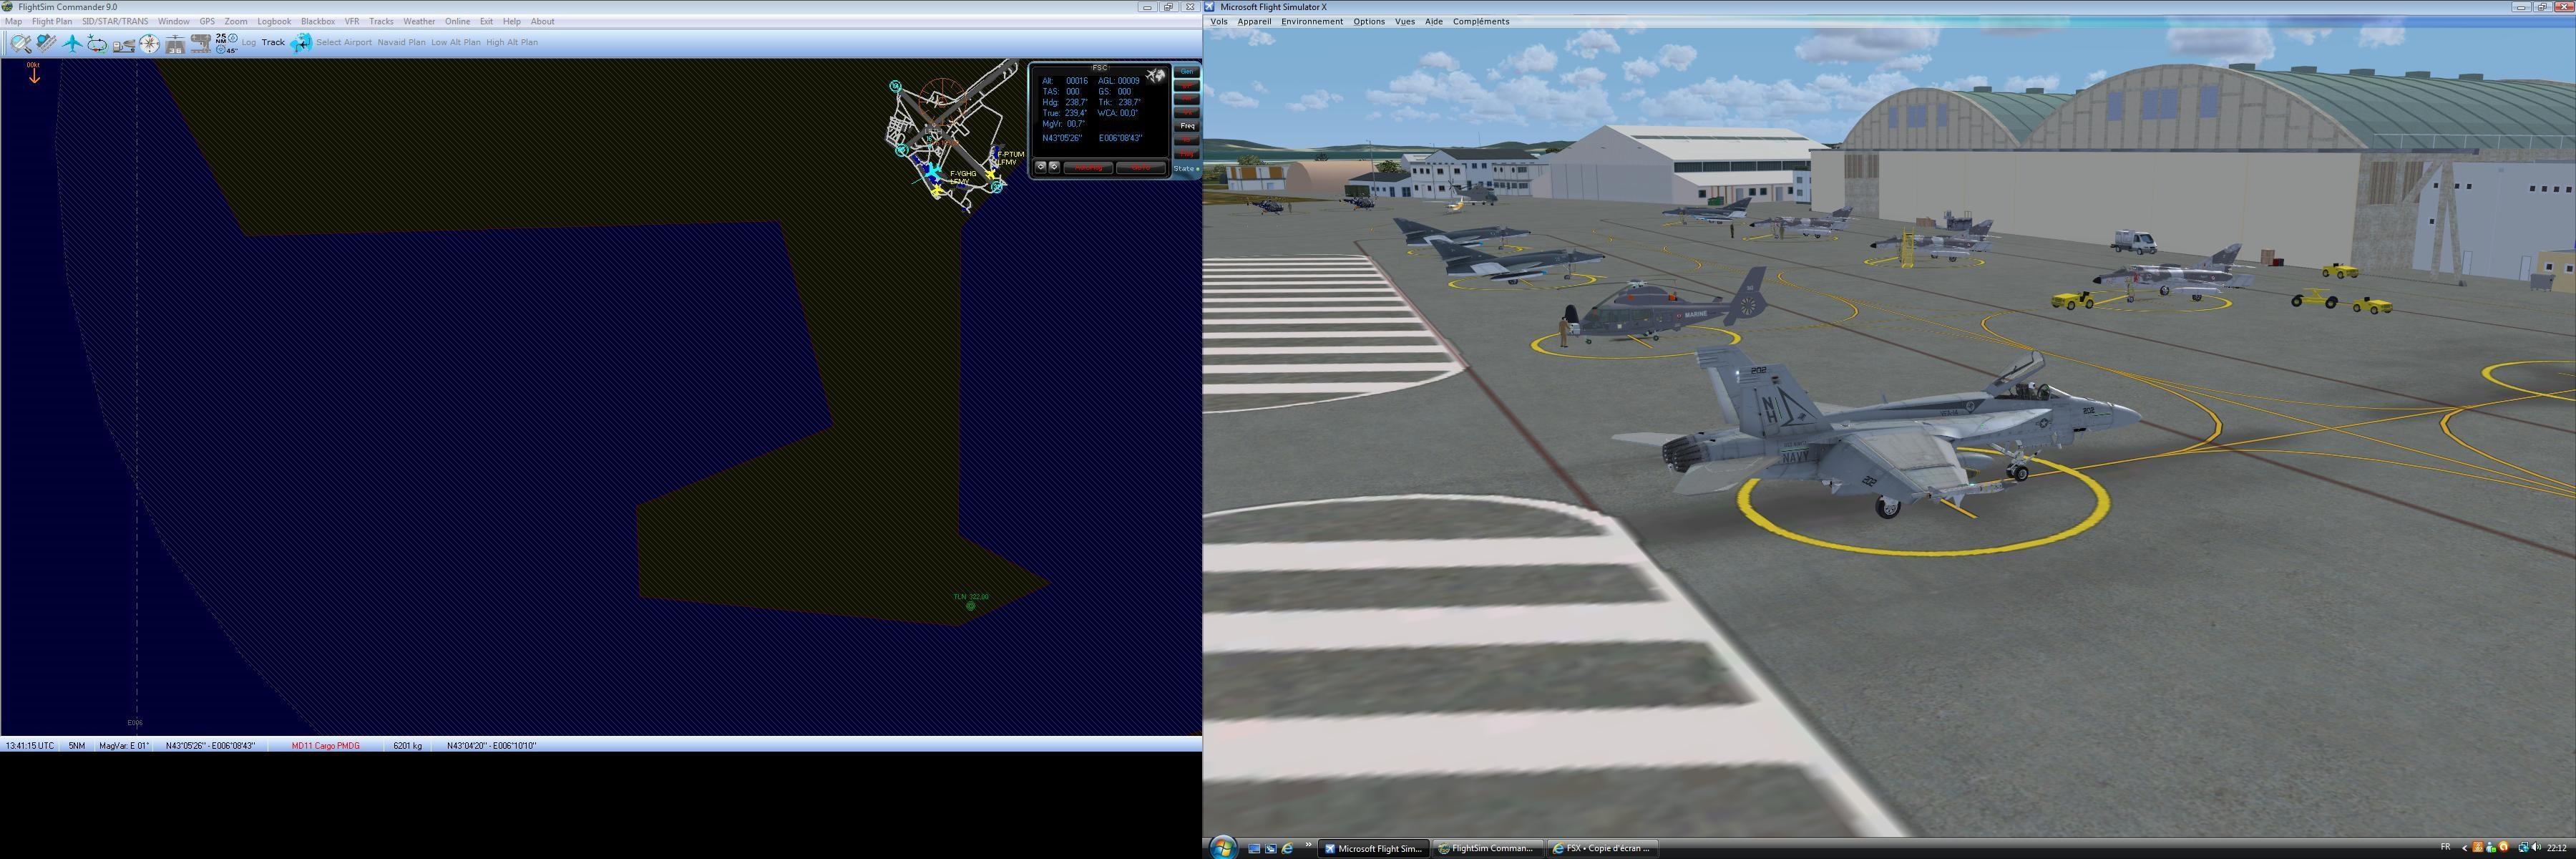 F-35 sur porte-avions - Page 2 13361312bis